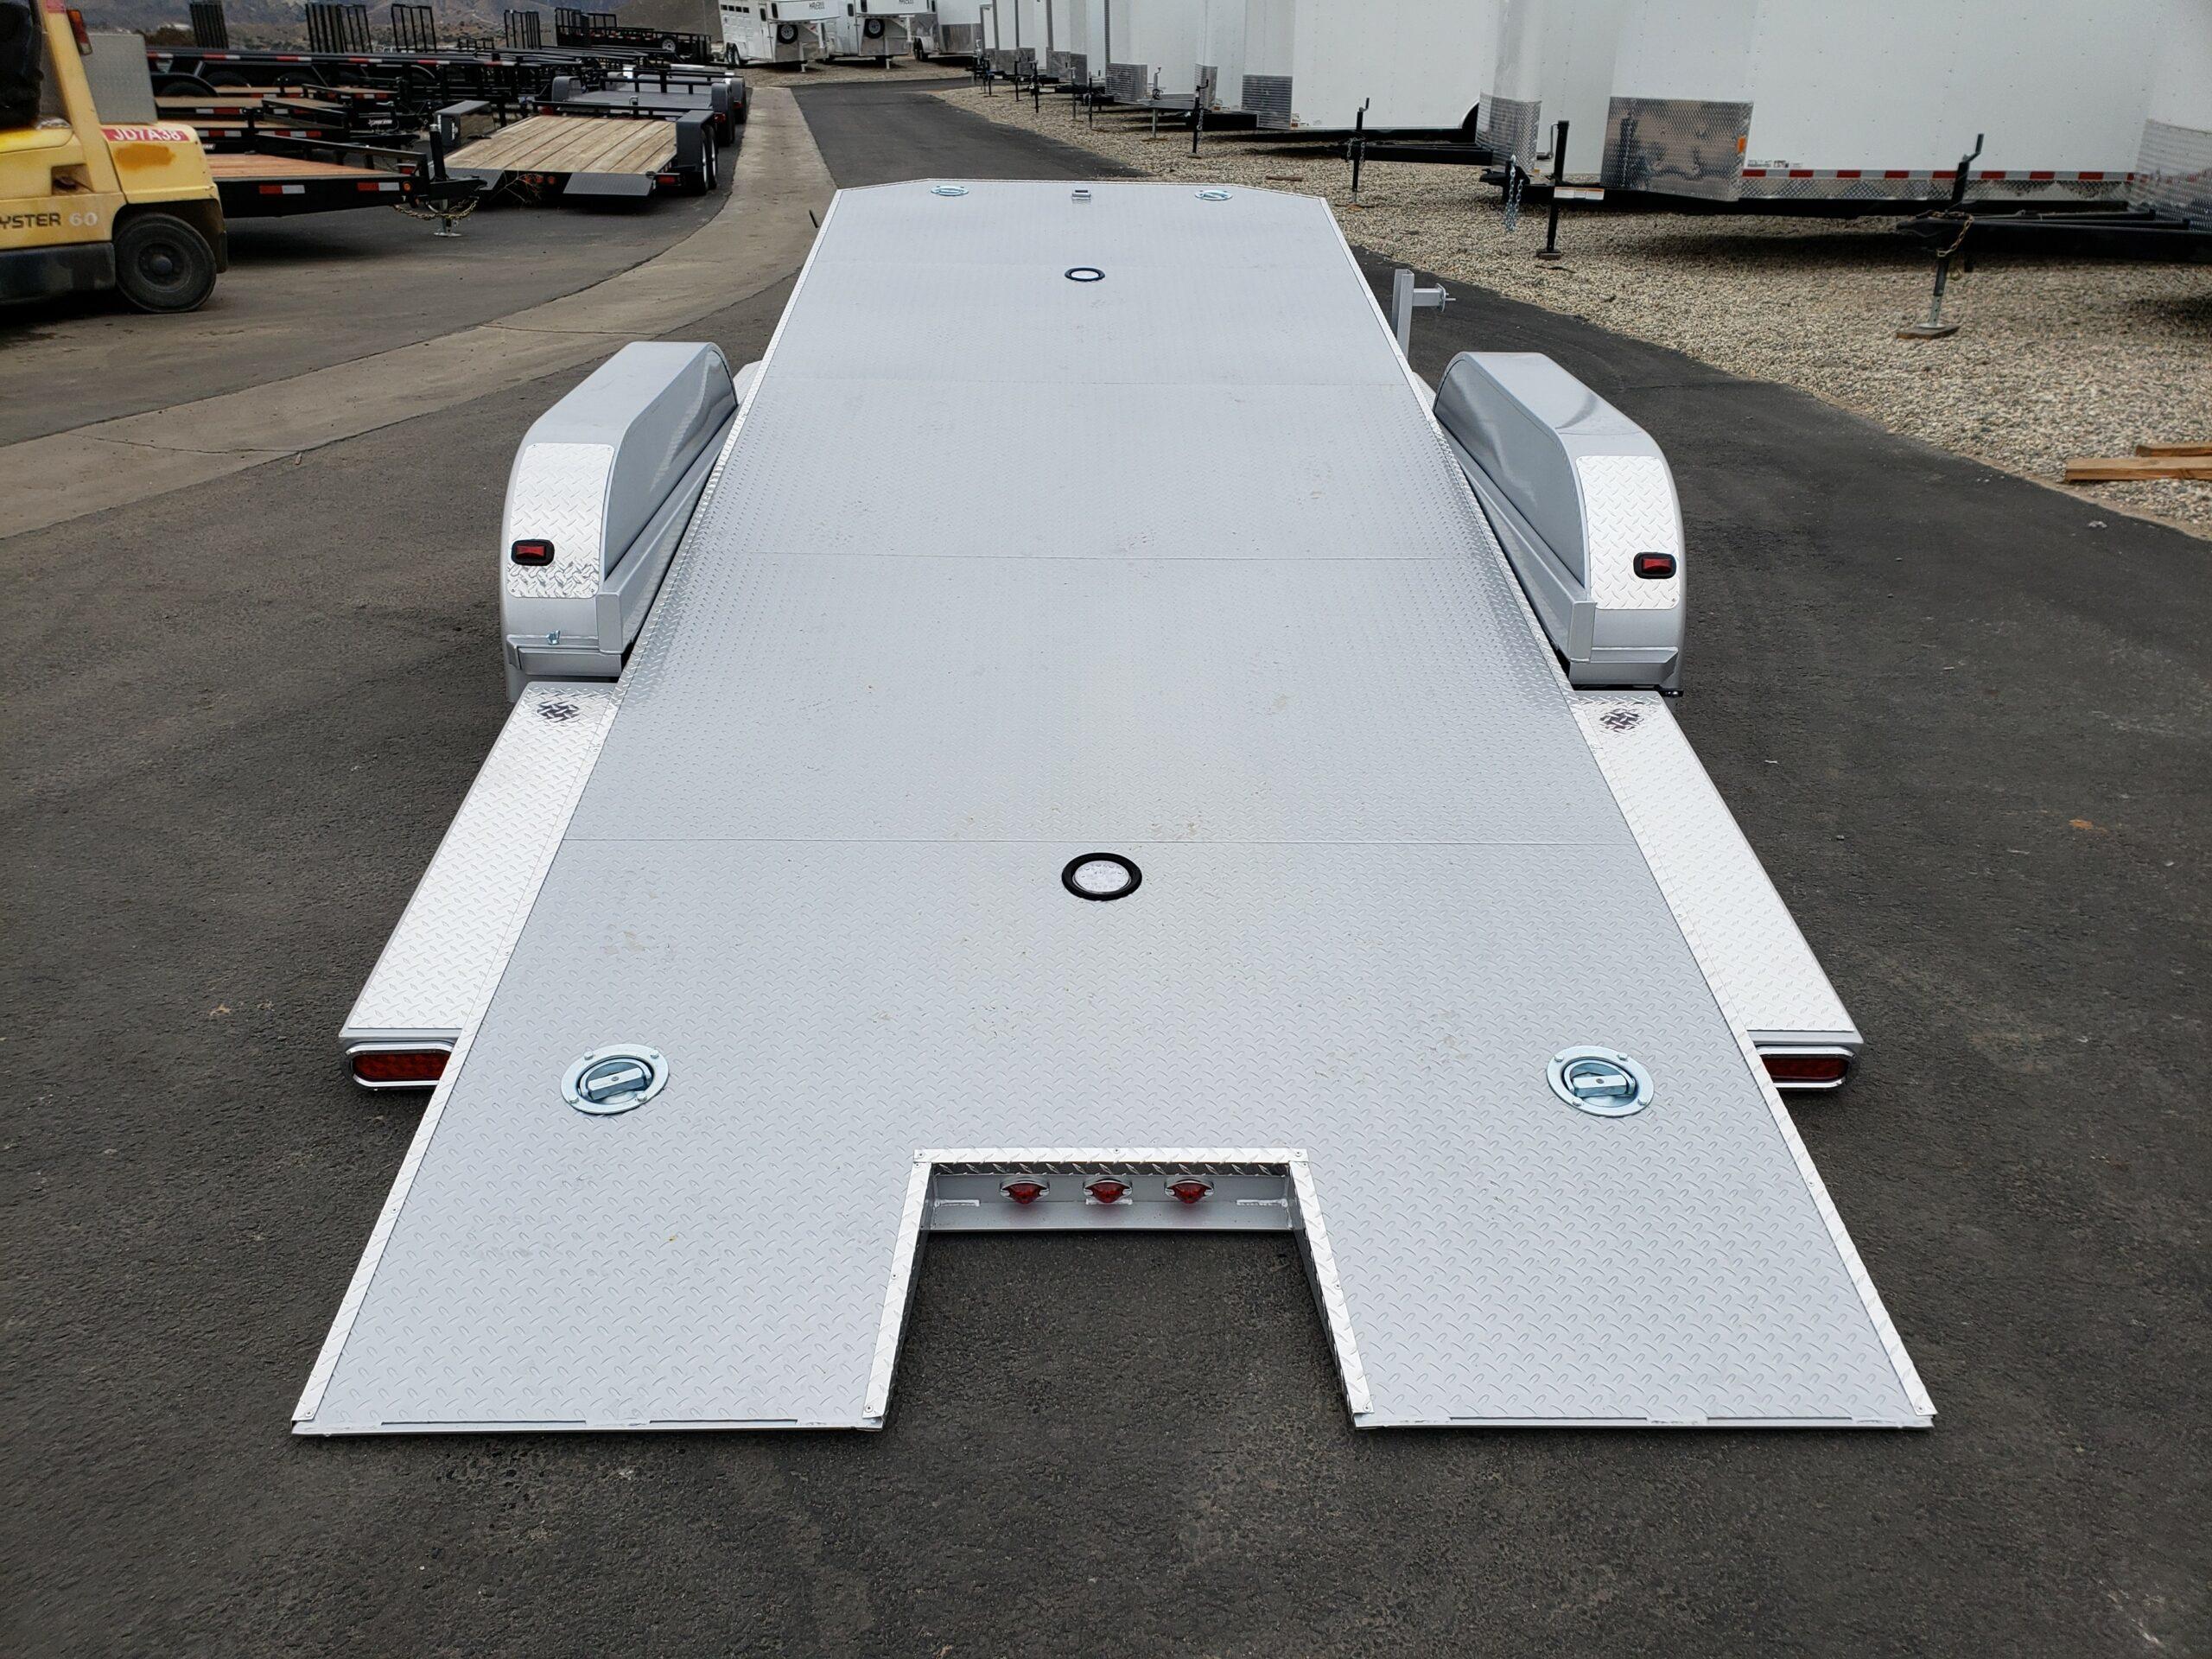 102 Ironworks Eliminator 20ft7K Tilt'B' - Rear view bed tilted